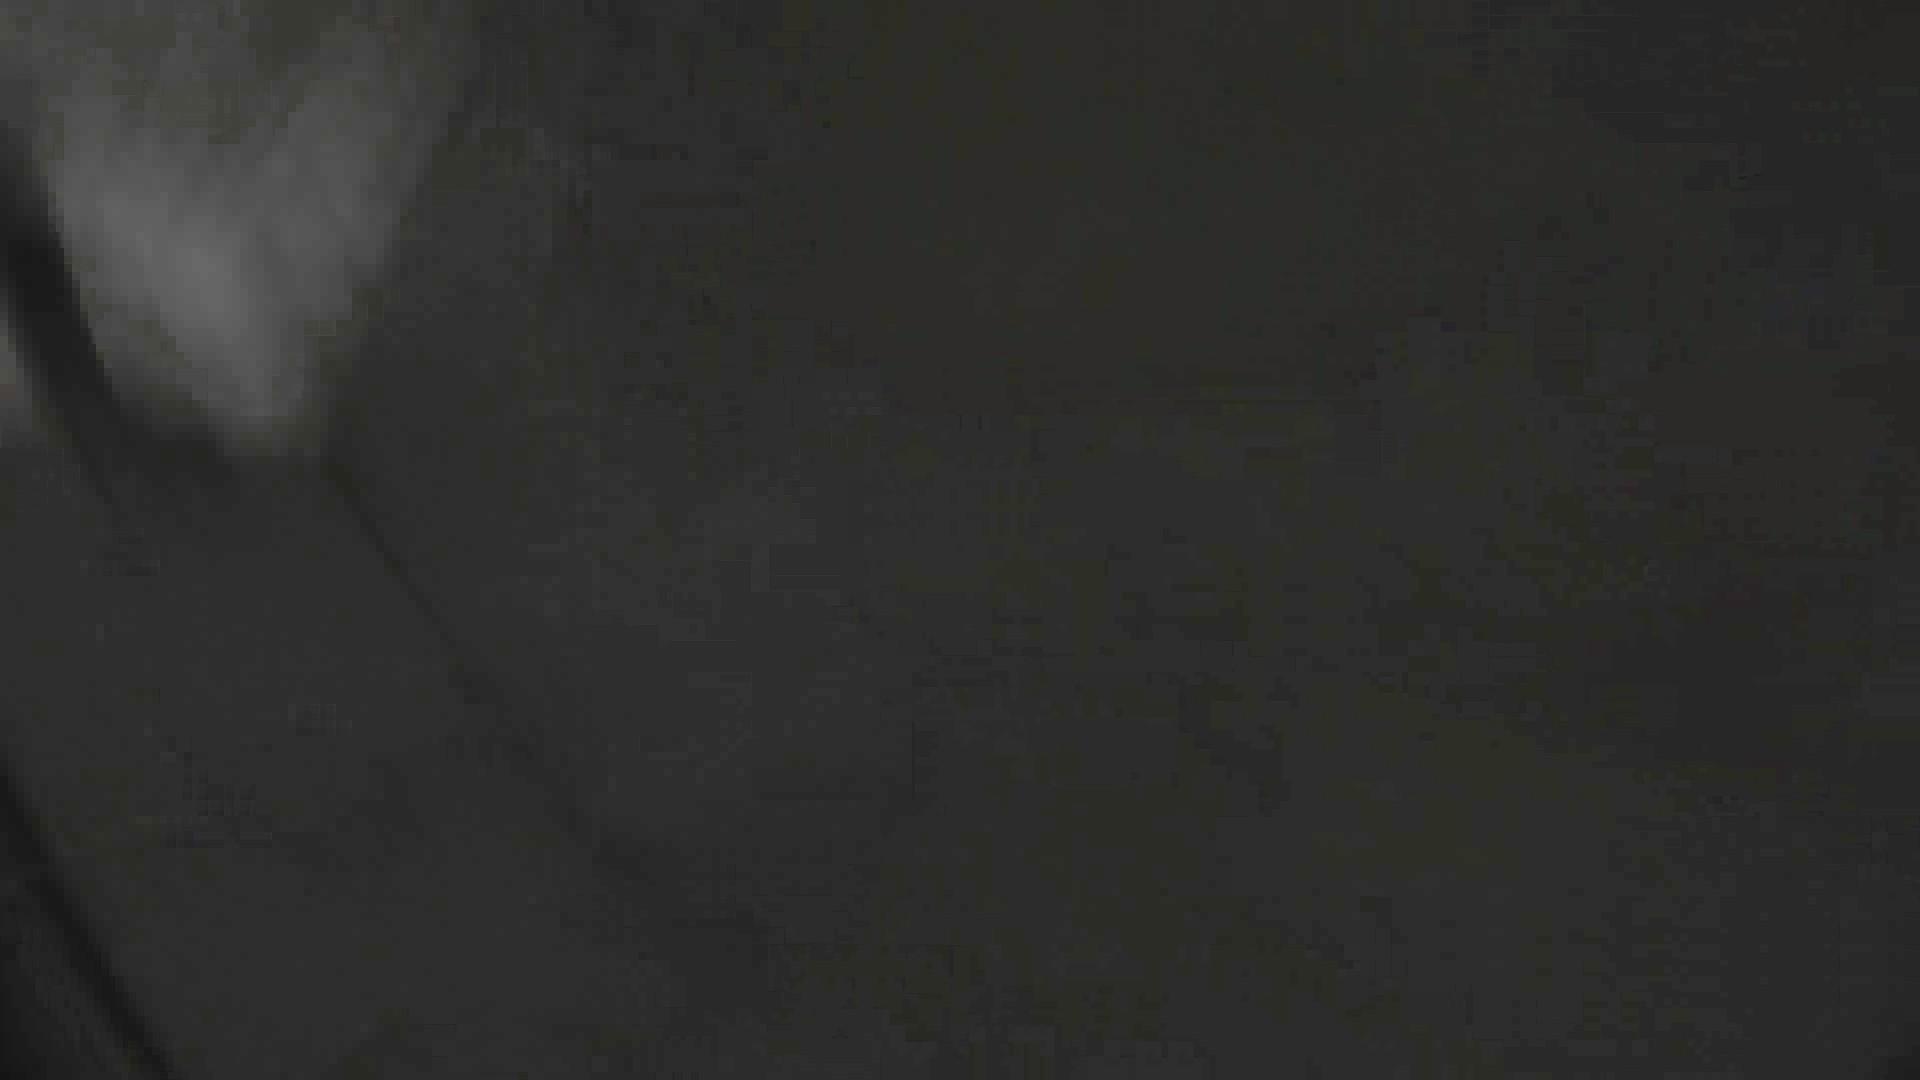 洗面所特攻隊 vol.002今回も鮮明です 美人編 スケベ動画紹介 104画像 33